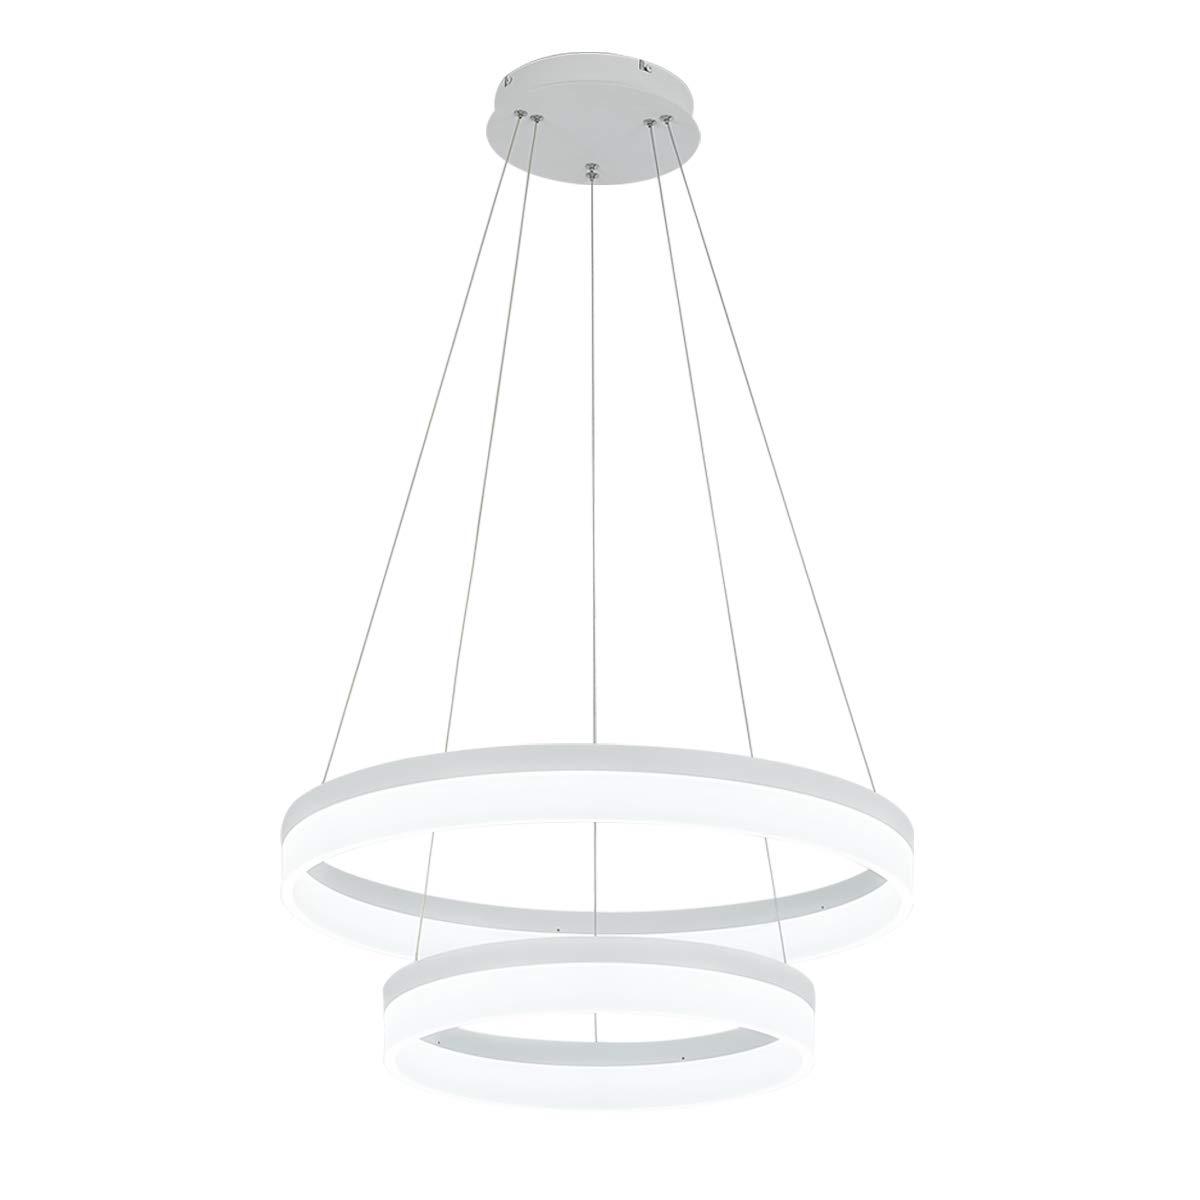 ROYAL PEARL LED Pendant Light Modern Chandelier 5400lm 60W Flush Mount Pendant Lamp for Living Room Bedroom Office, 6000k